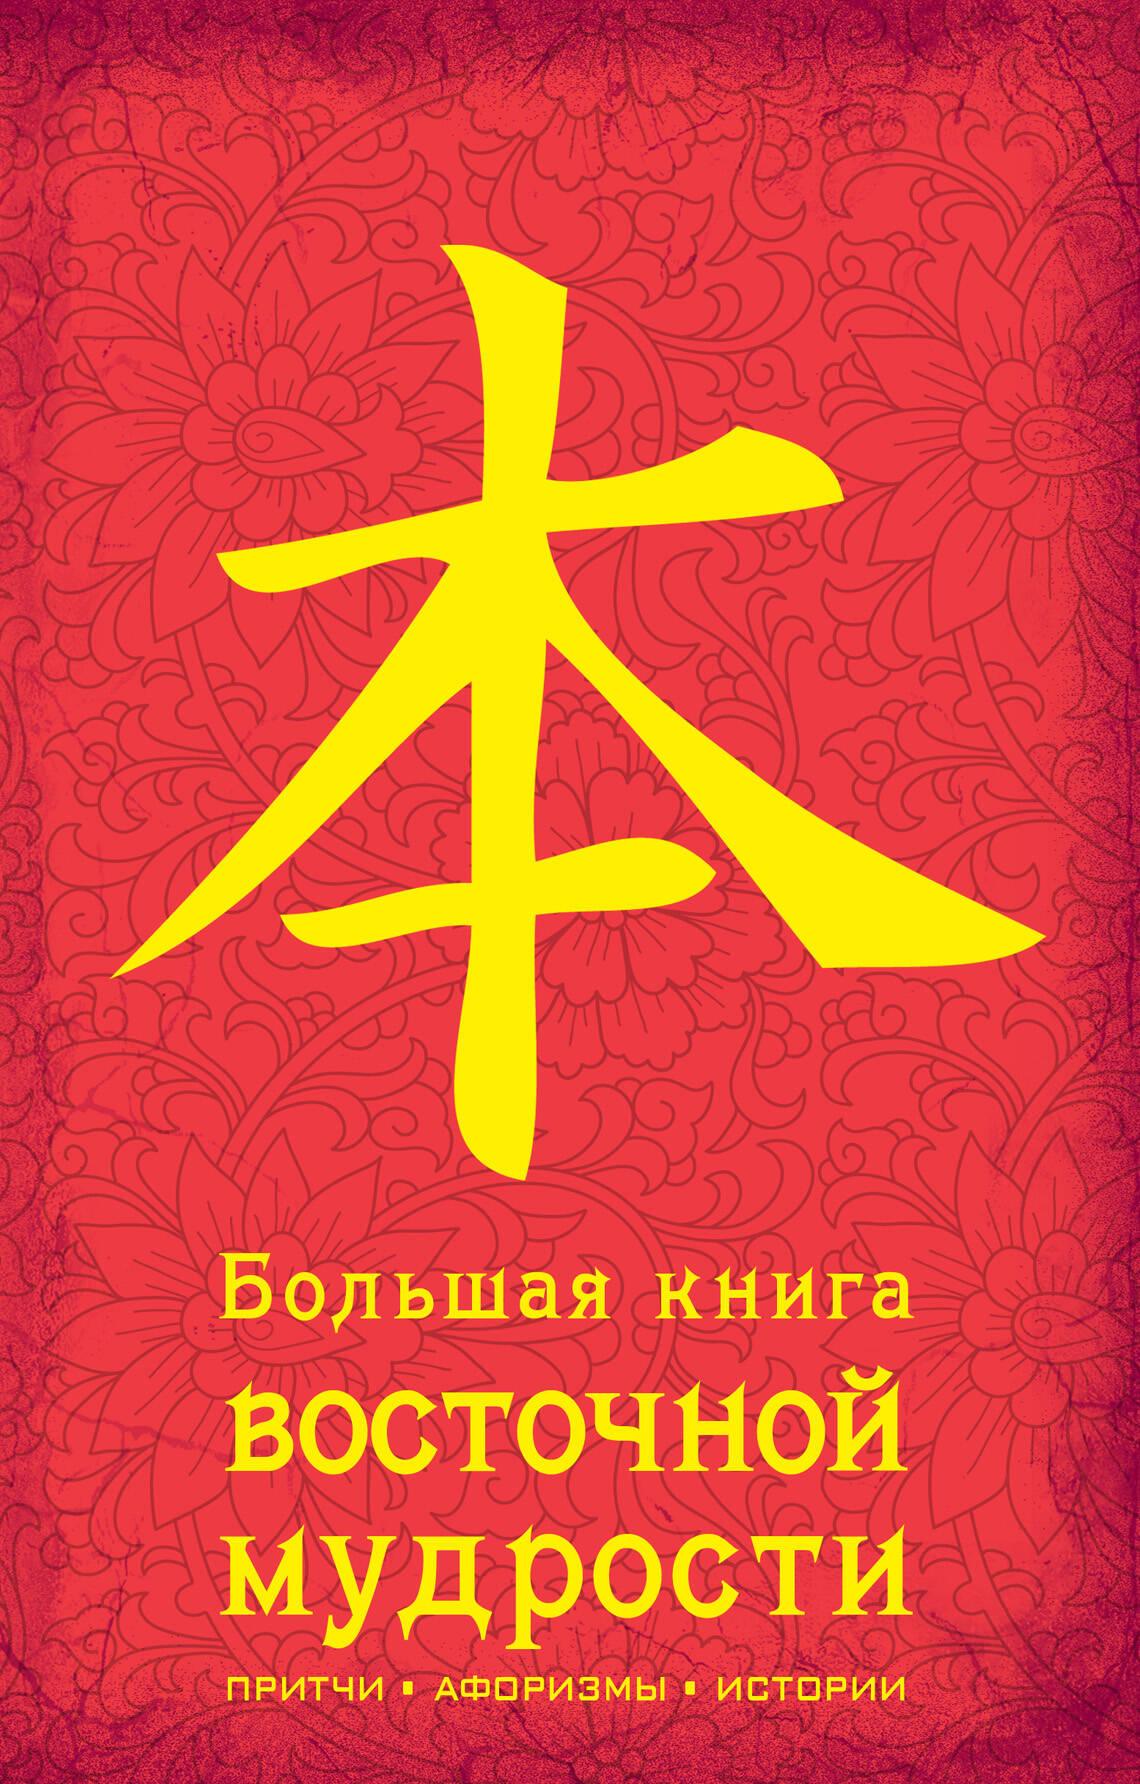 Поздравления восточной мудростью